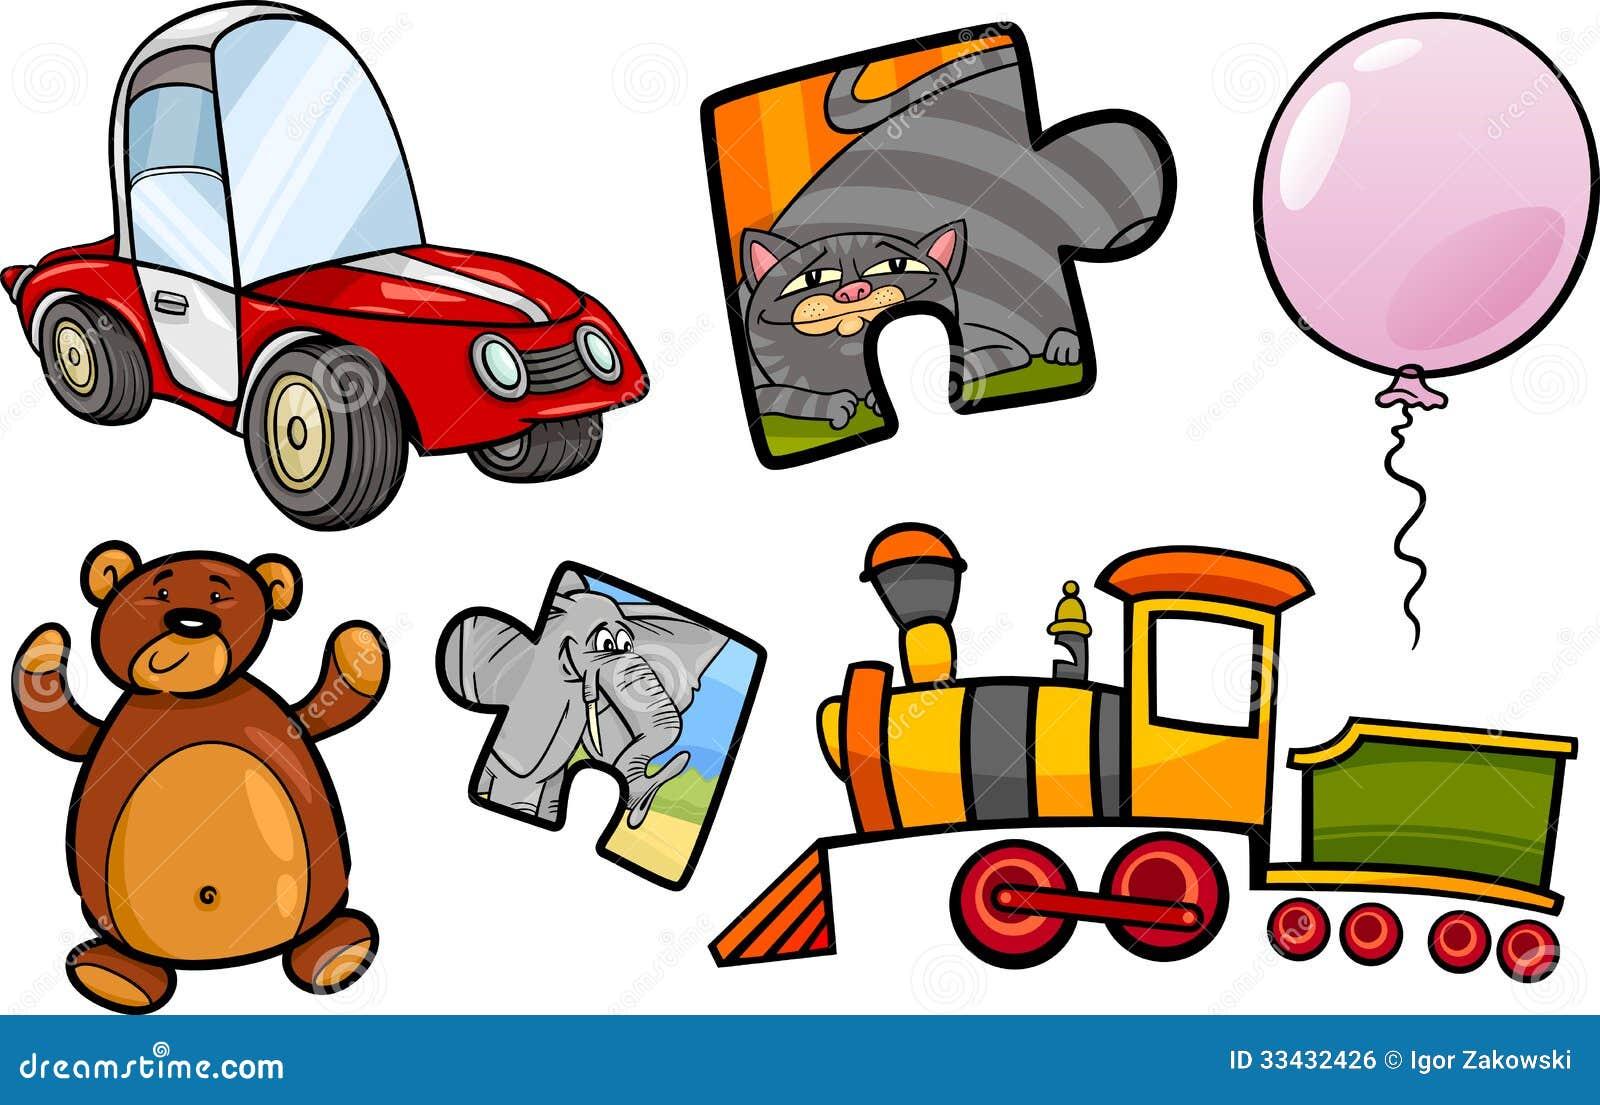 Ensemble d illustration de bande dessinée d objets de jouets